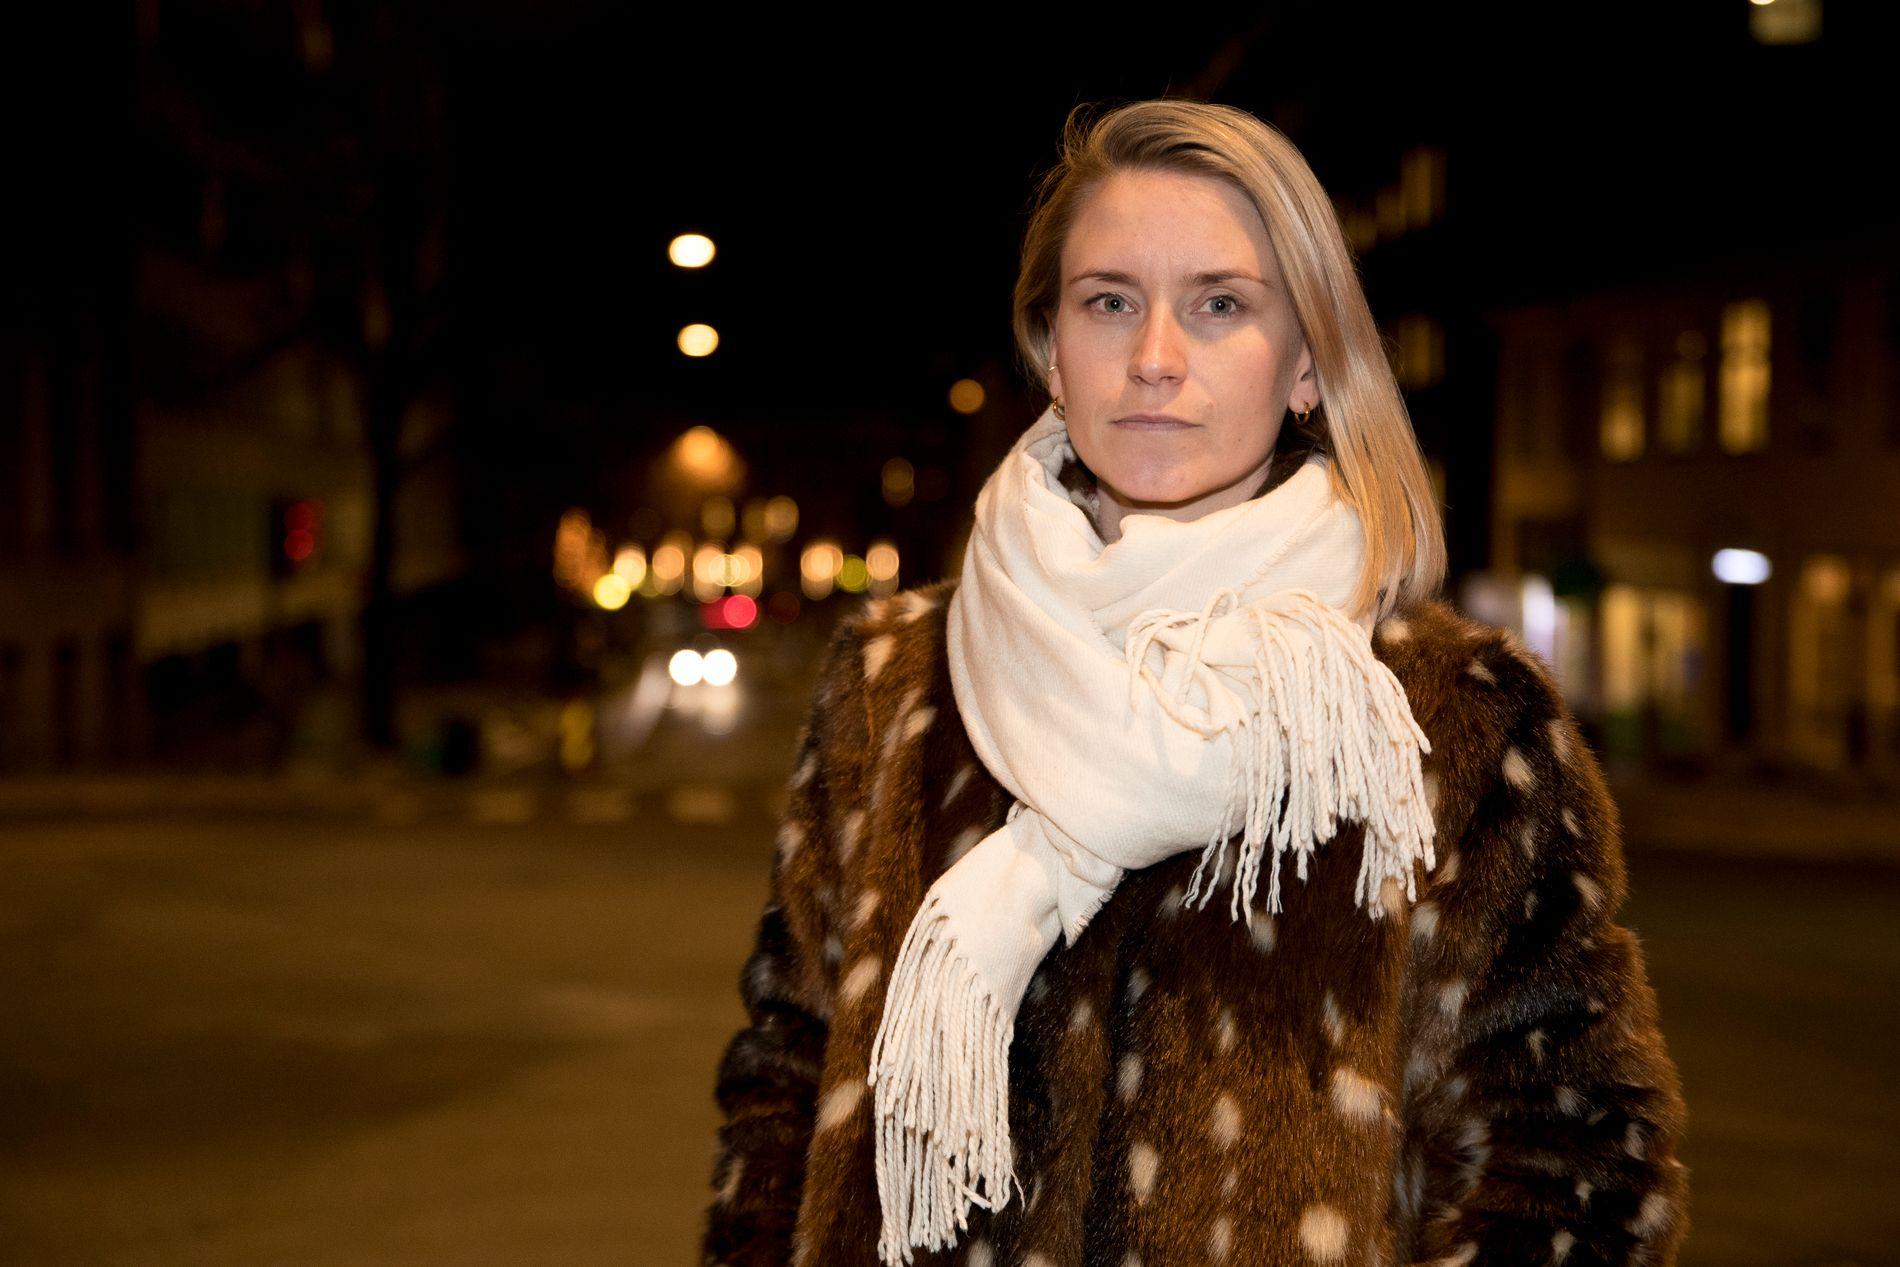 TRAKK INTERVJUET: Bydelsordfører i Gamle Oslo og en av kvinnene som varslet mot Trond Giske, Ap-politiker Line Oma.